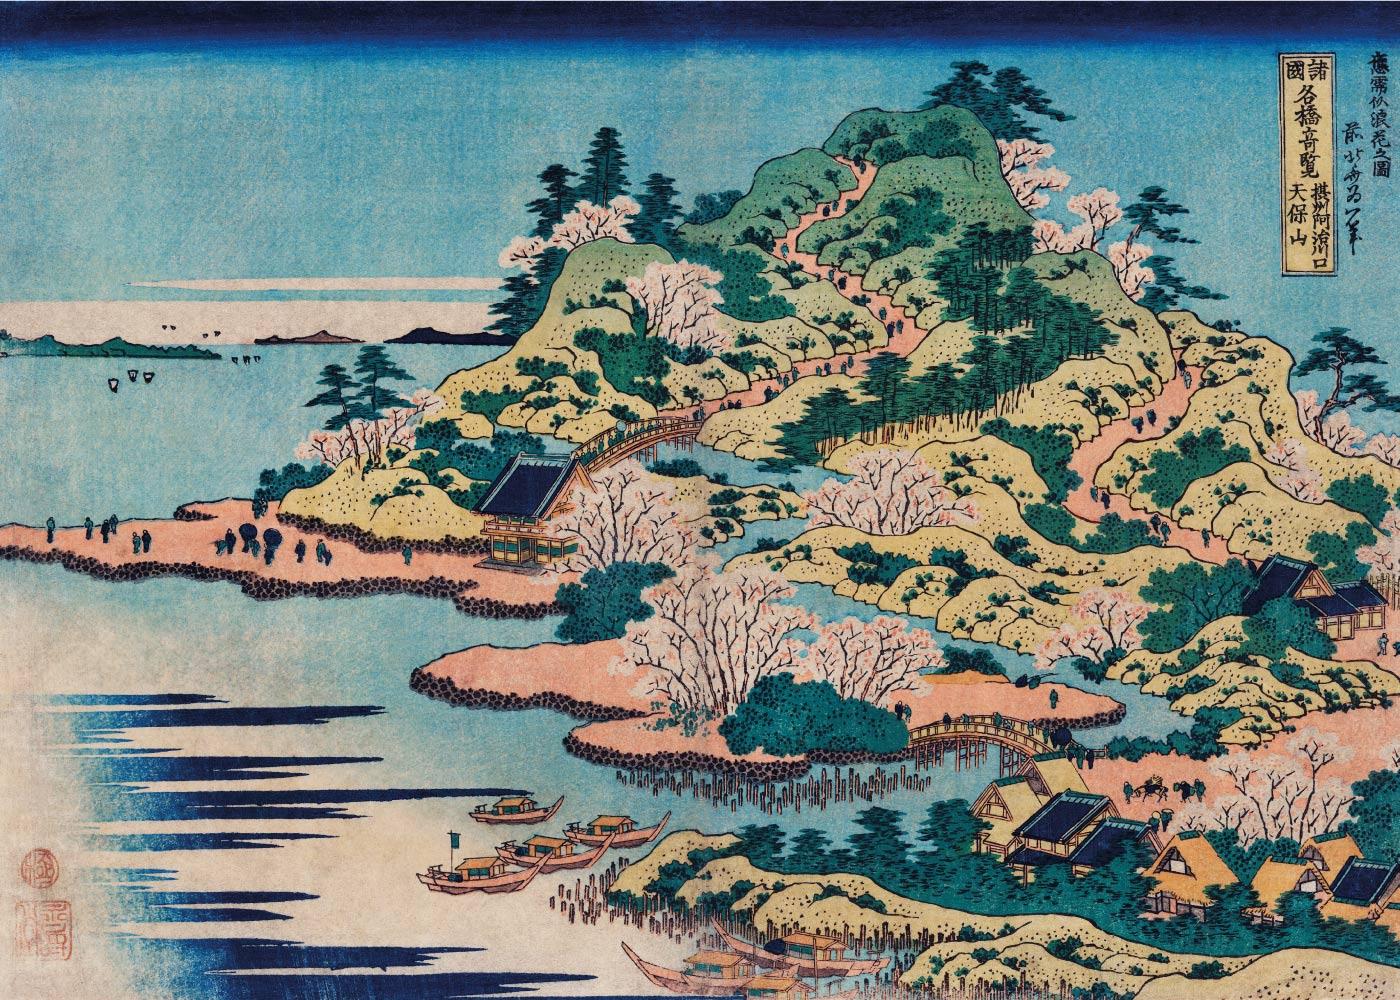 Community with shrines and pilgrims - Japansk kunstplakat